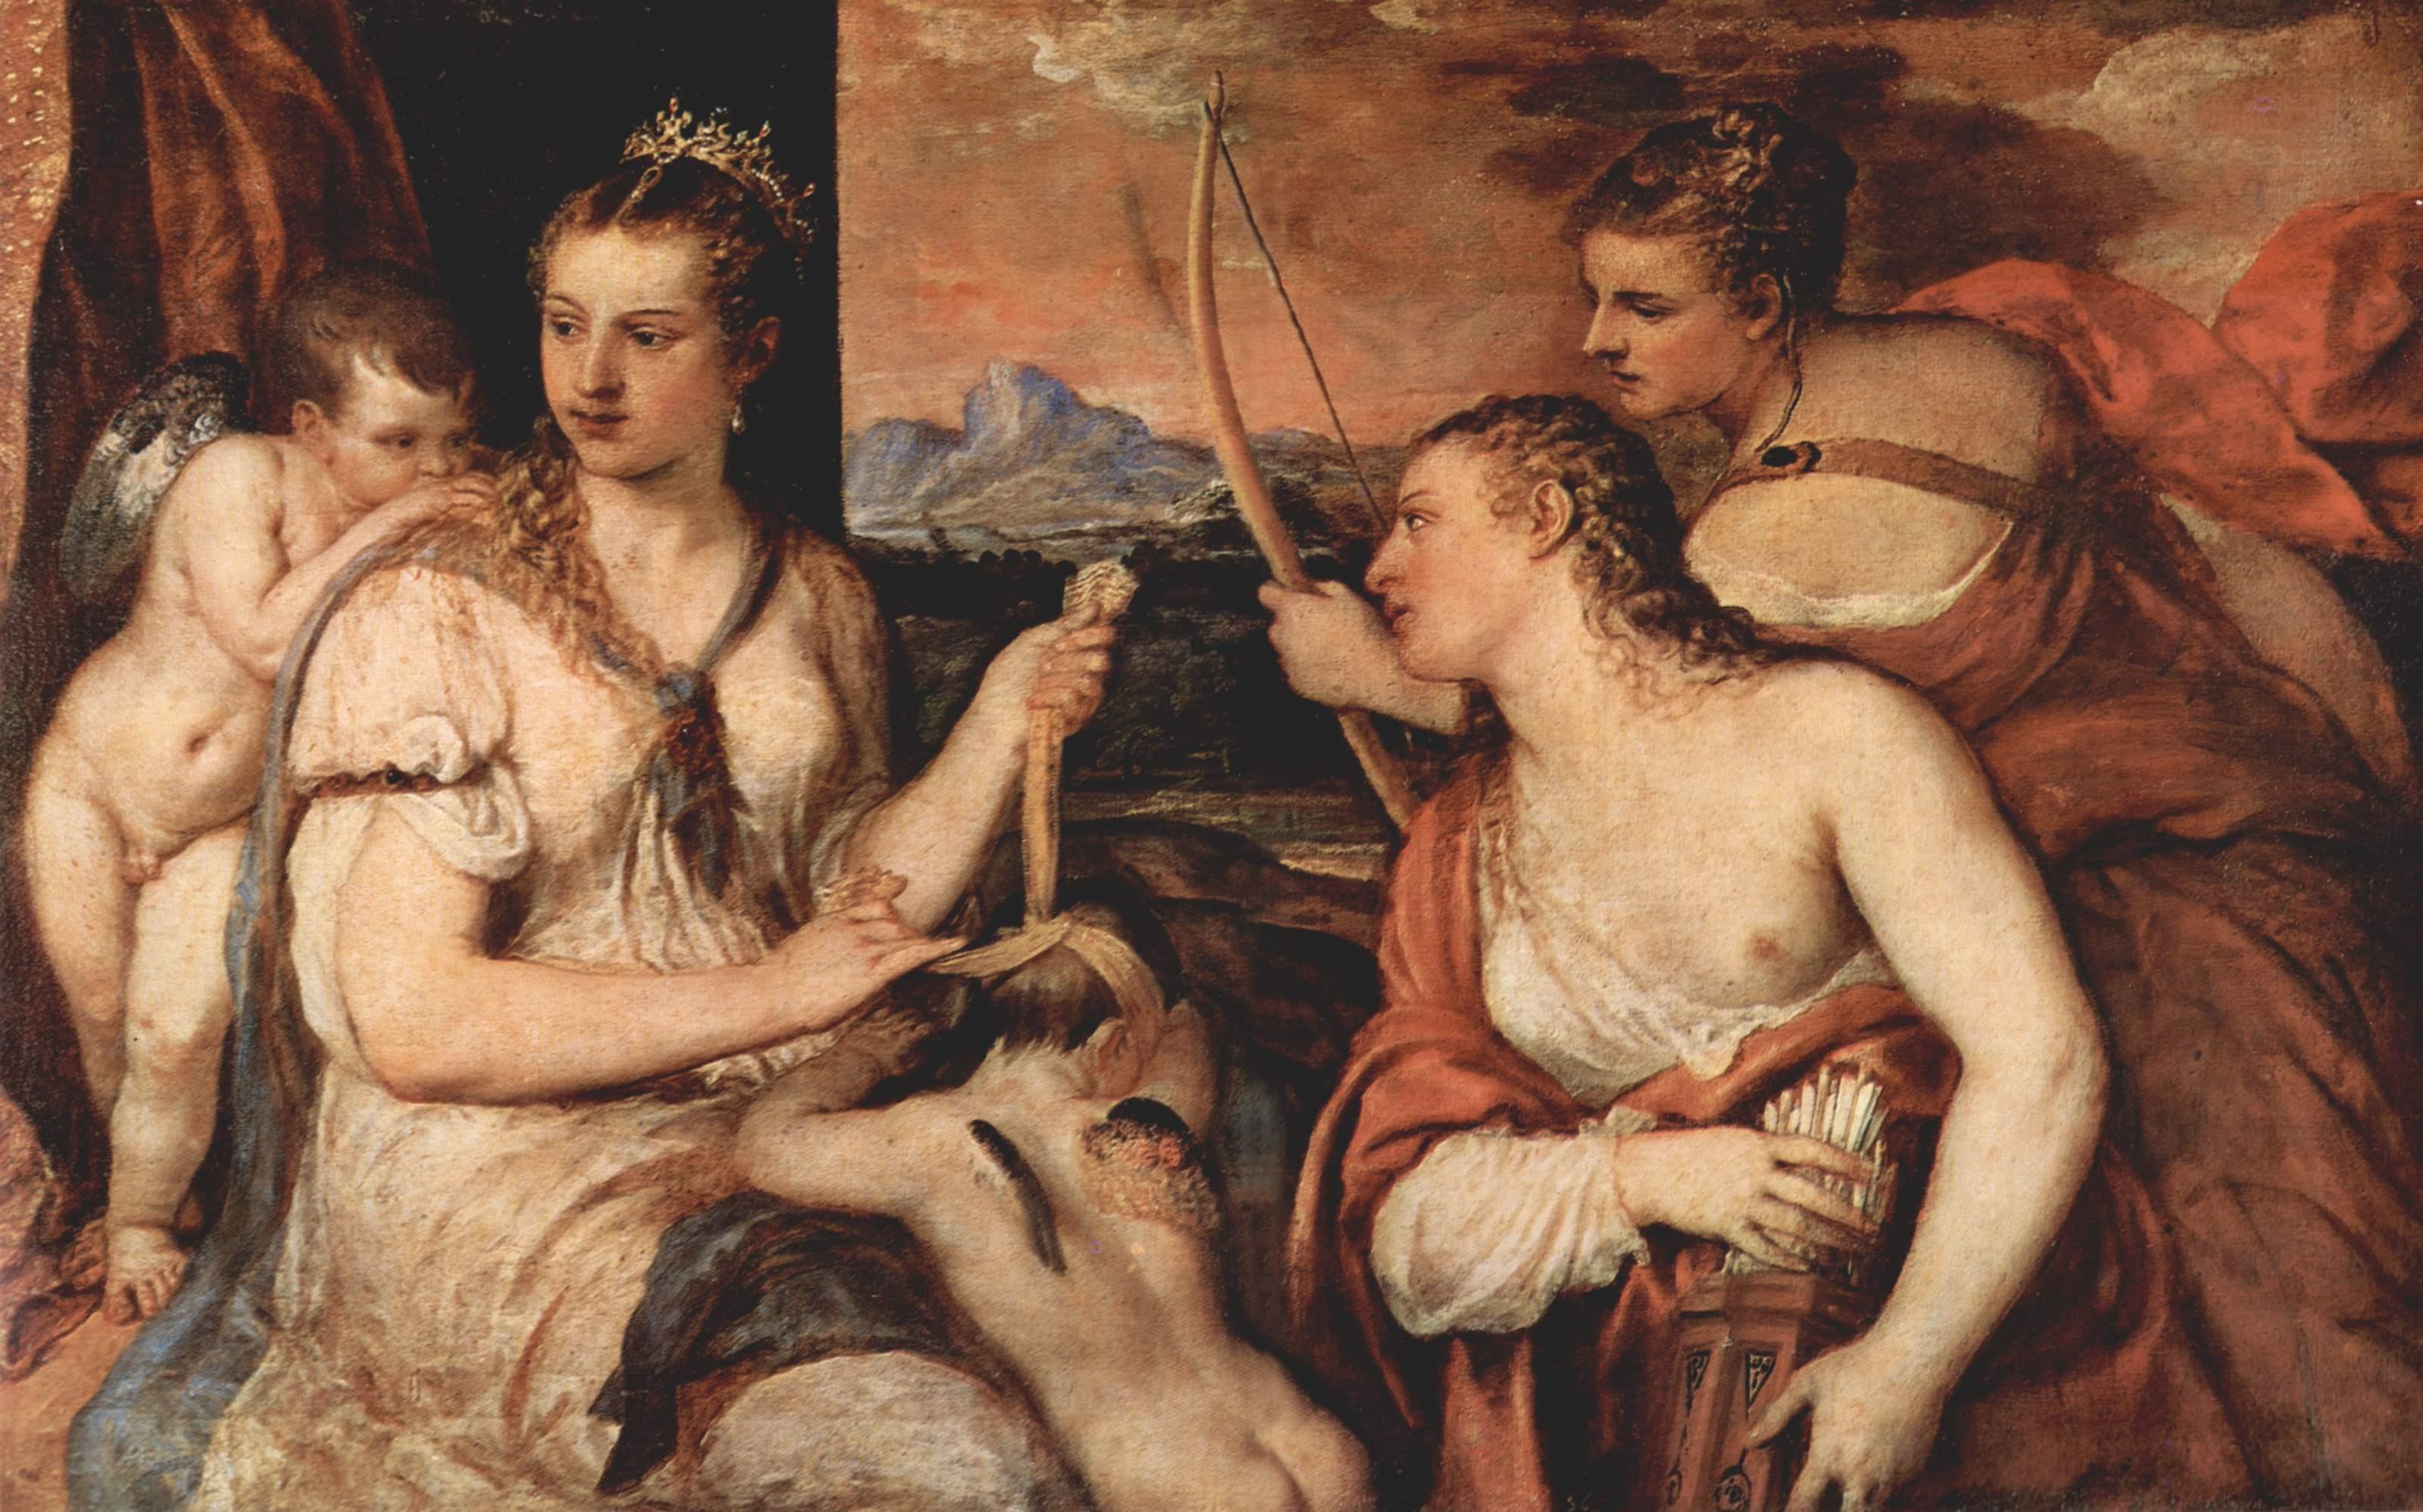 Липовый Тициан и настоящий Тициан